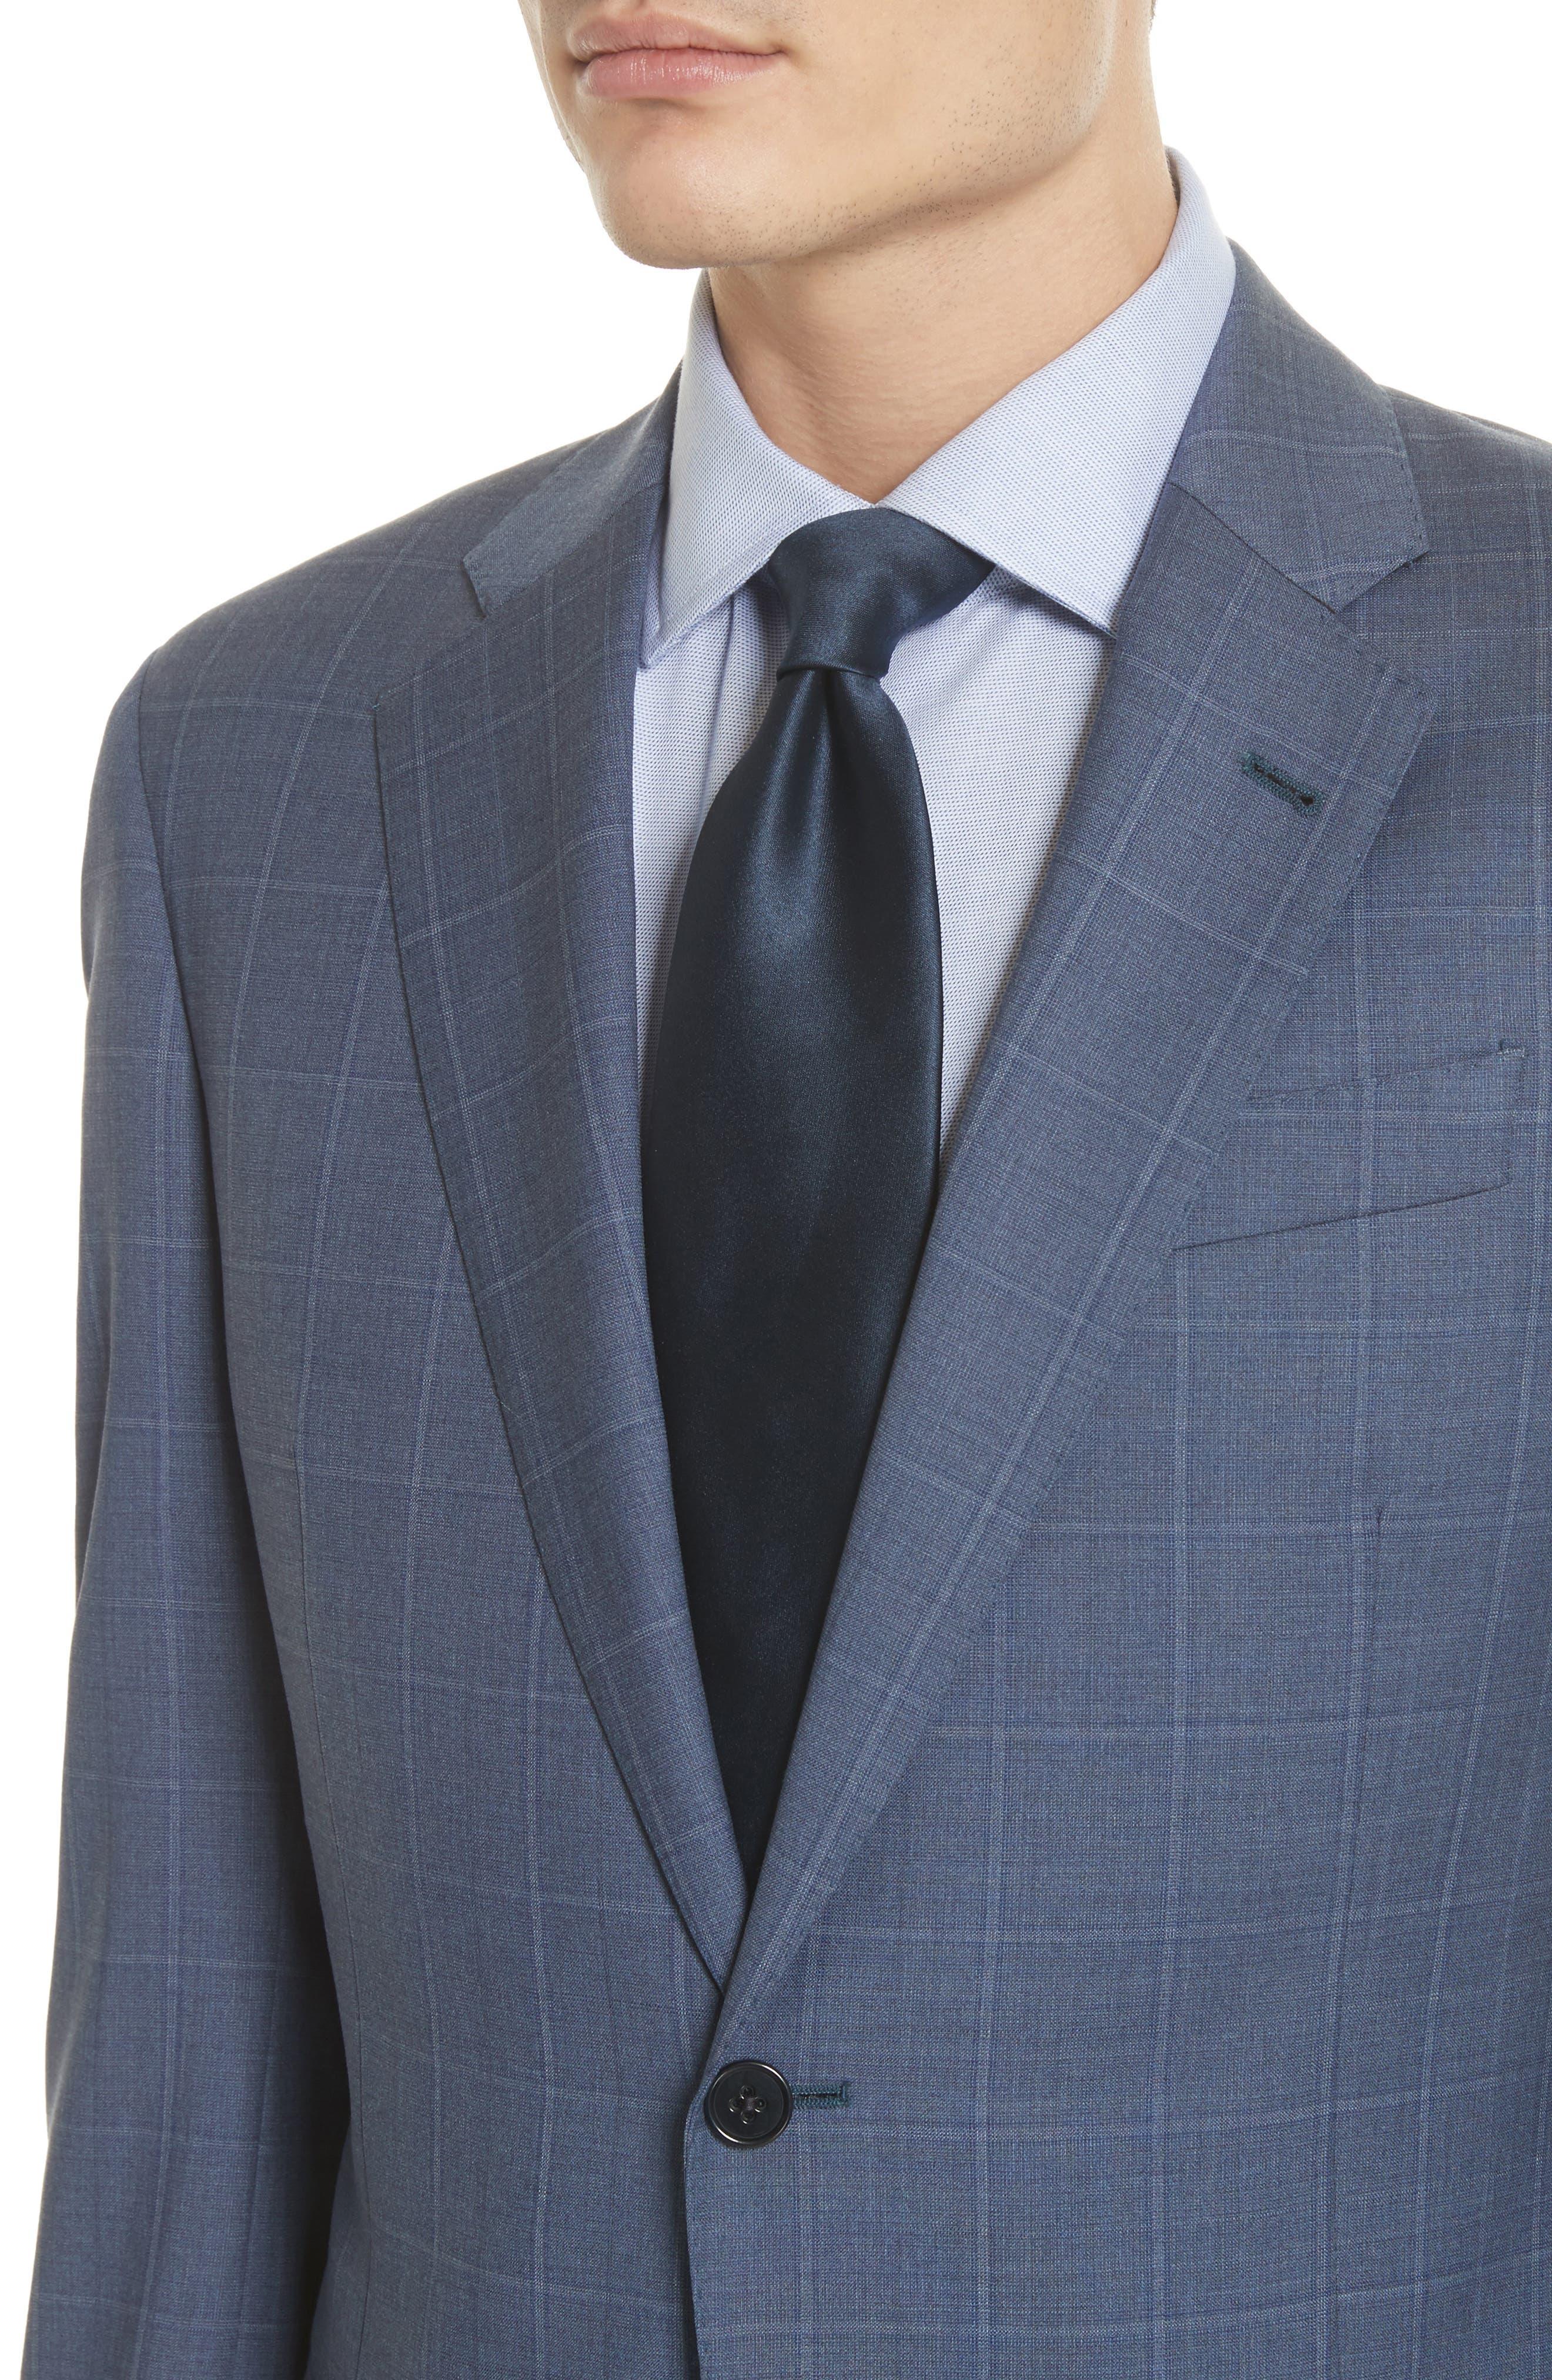 G Line Trim Fit Windowpane Wool Suit,                             Alternate thumbnail 4, color,                             Blue